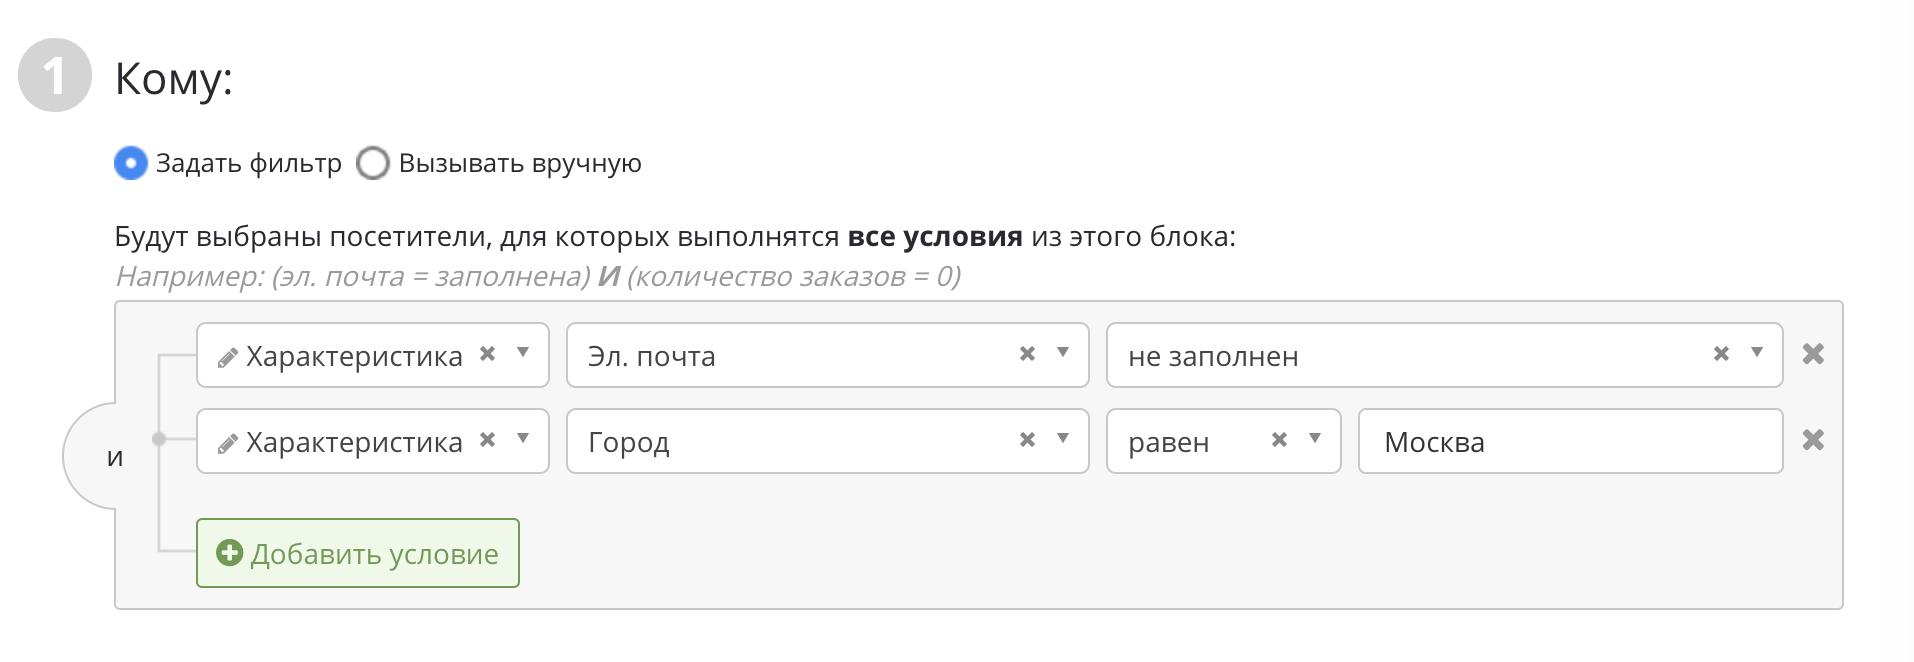 Если в Москве у вас самые платежеспособные клиенты, можно настроить на них специальное предложение